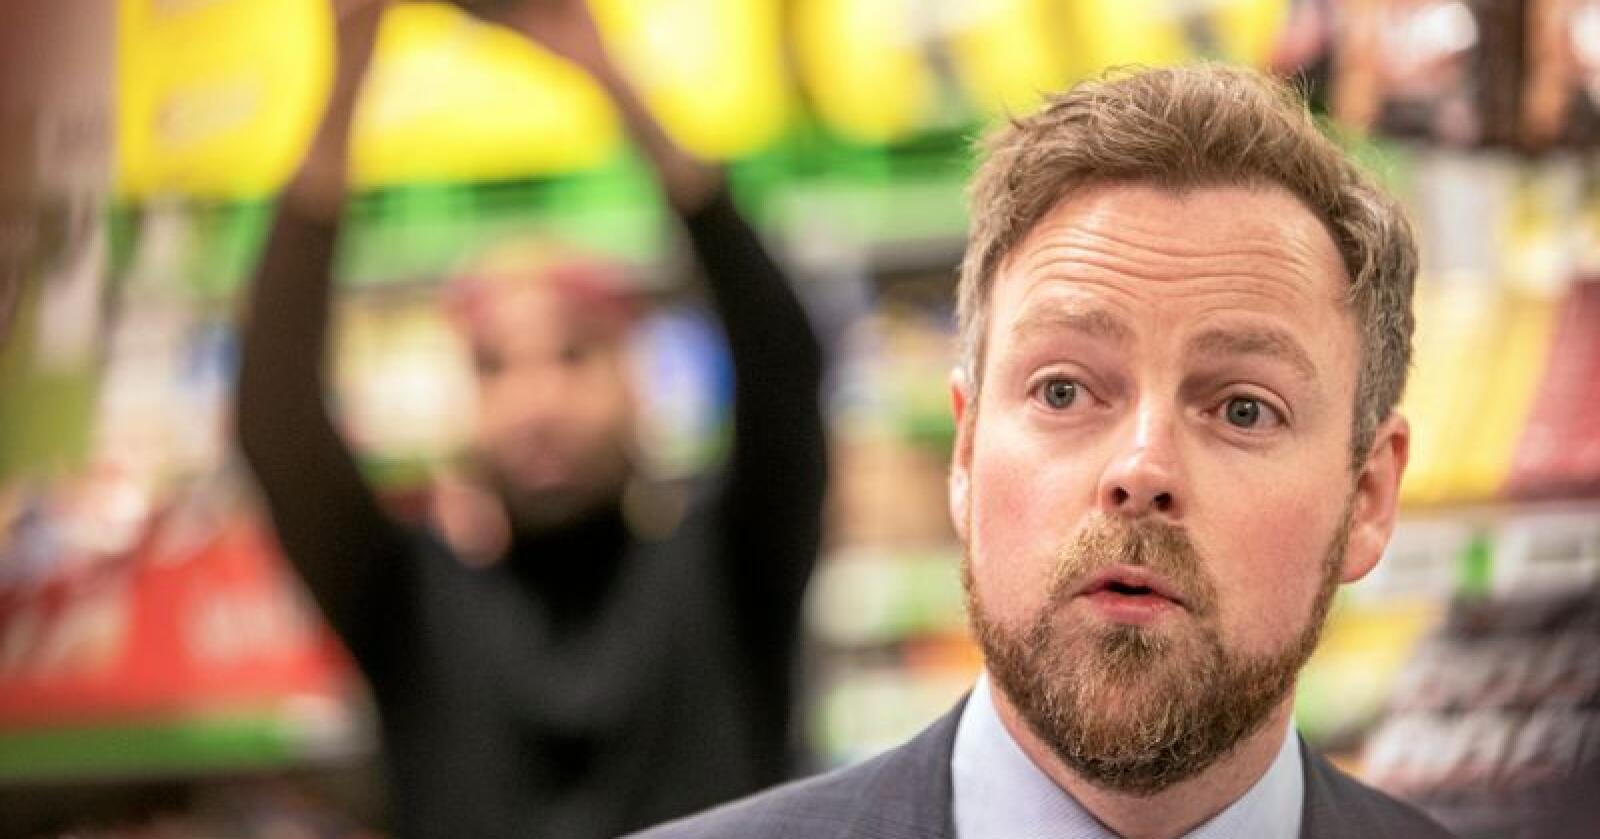 Næringsminister Torbjørn Røe Isaksen vil svare på hvilke tiltak som er nødvendig for å bedre konkurransen i dagligvarebransjen. Svarene skal komme i en stortingsmelding i løpet av denne stortingsperioden. Foto: Ole Berg-Rusten / NTB Scanpix